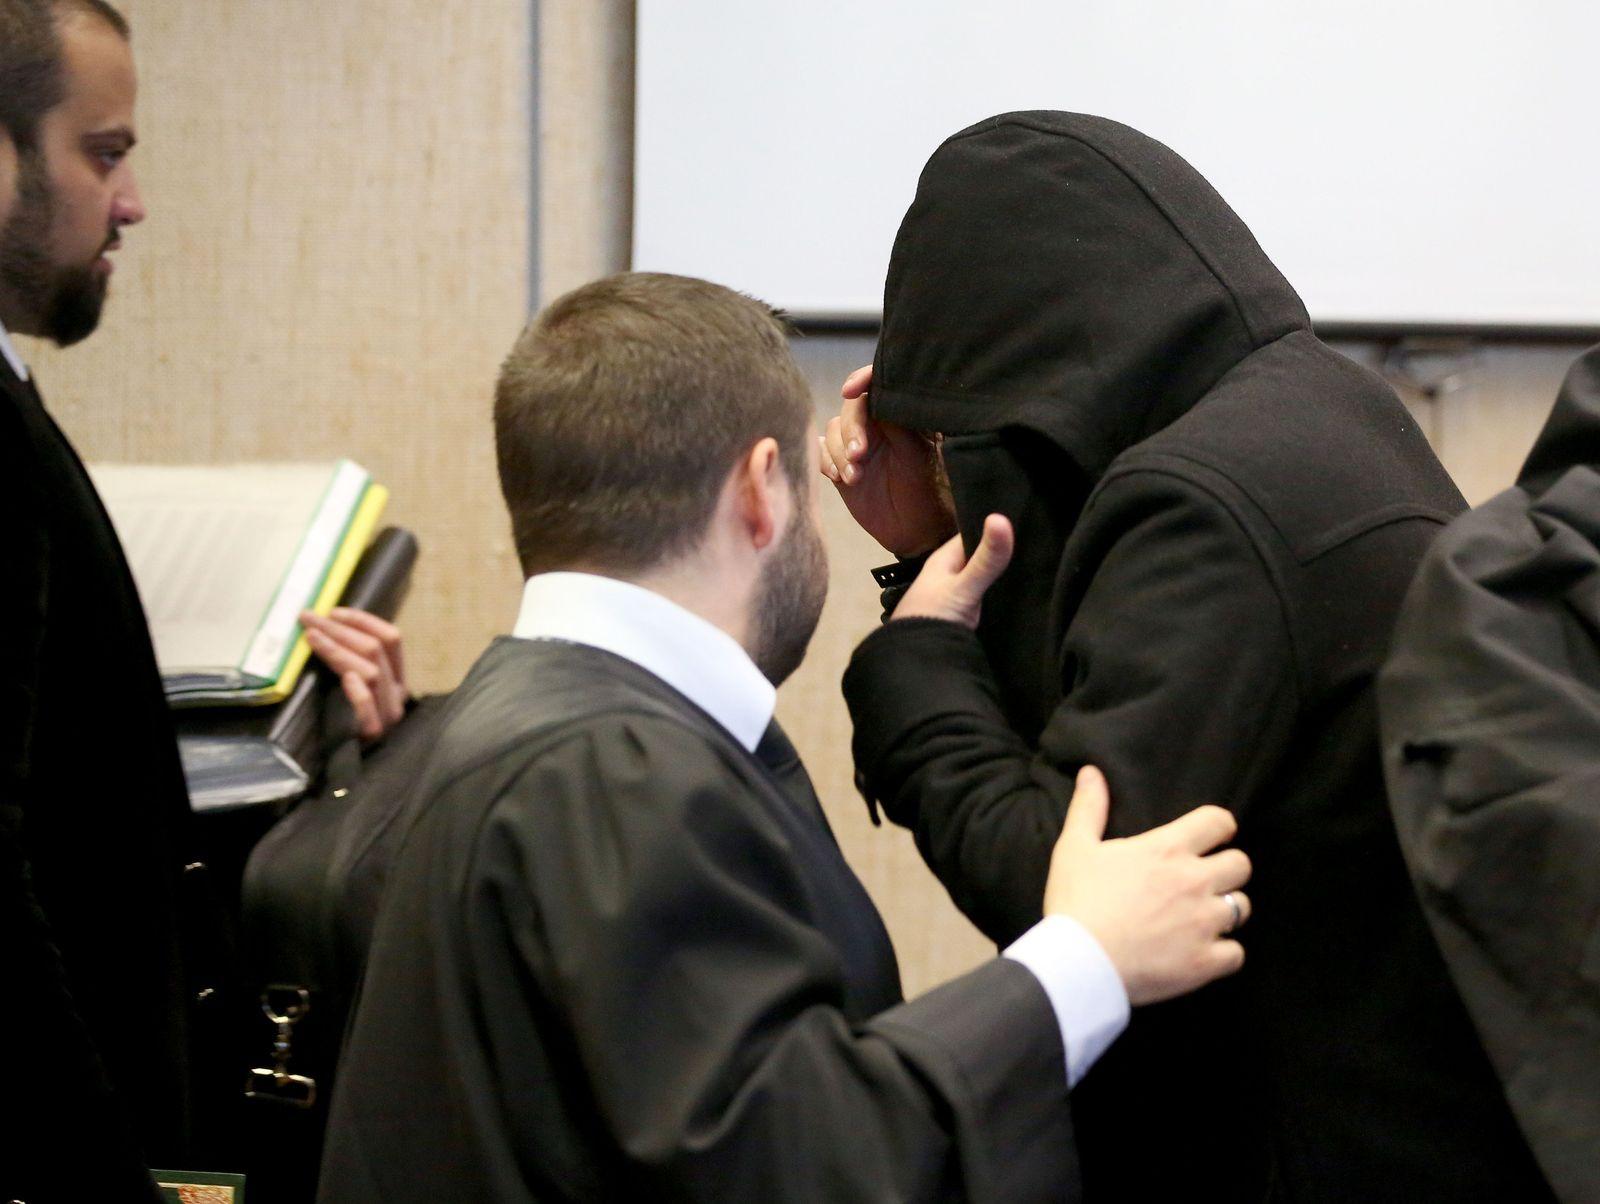 Urteil / Männer / Salafisten-Szene / Köln